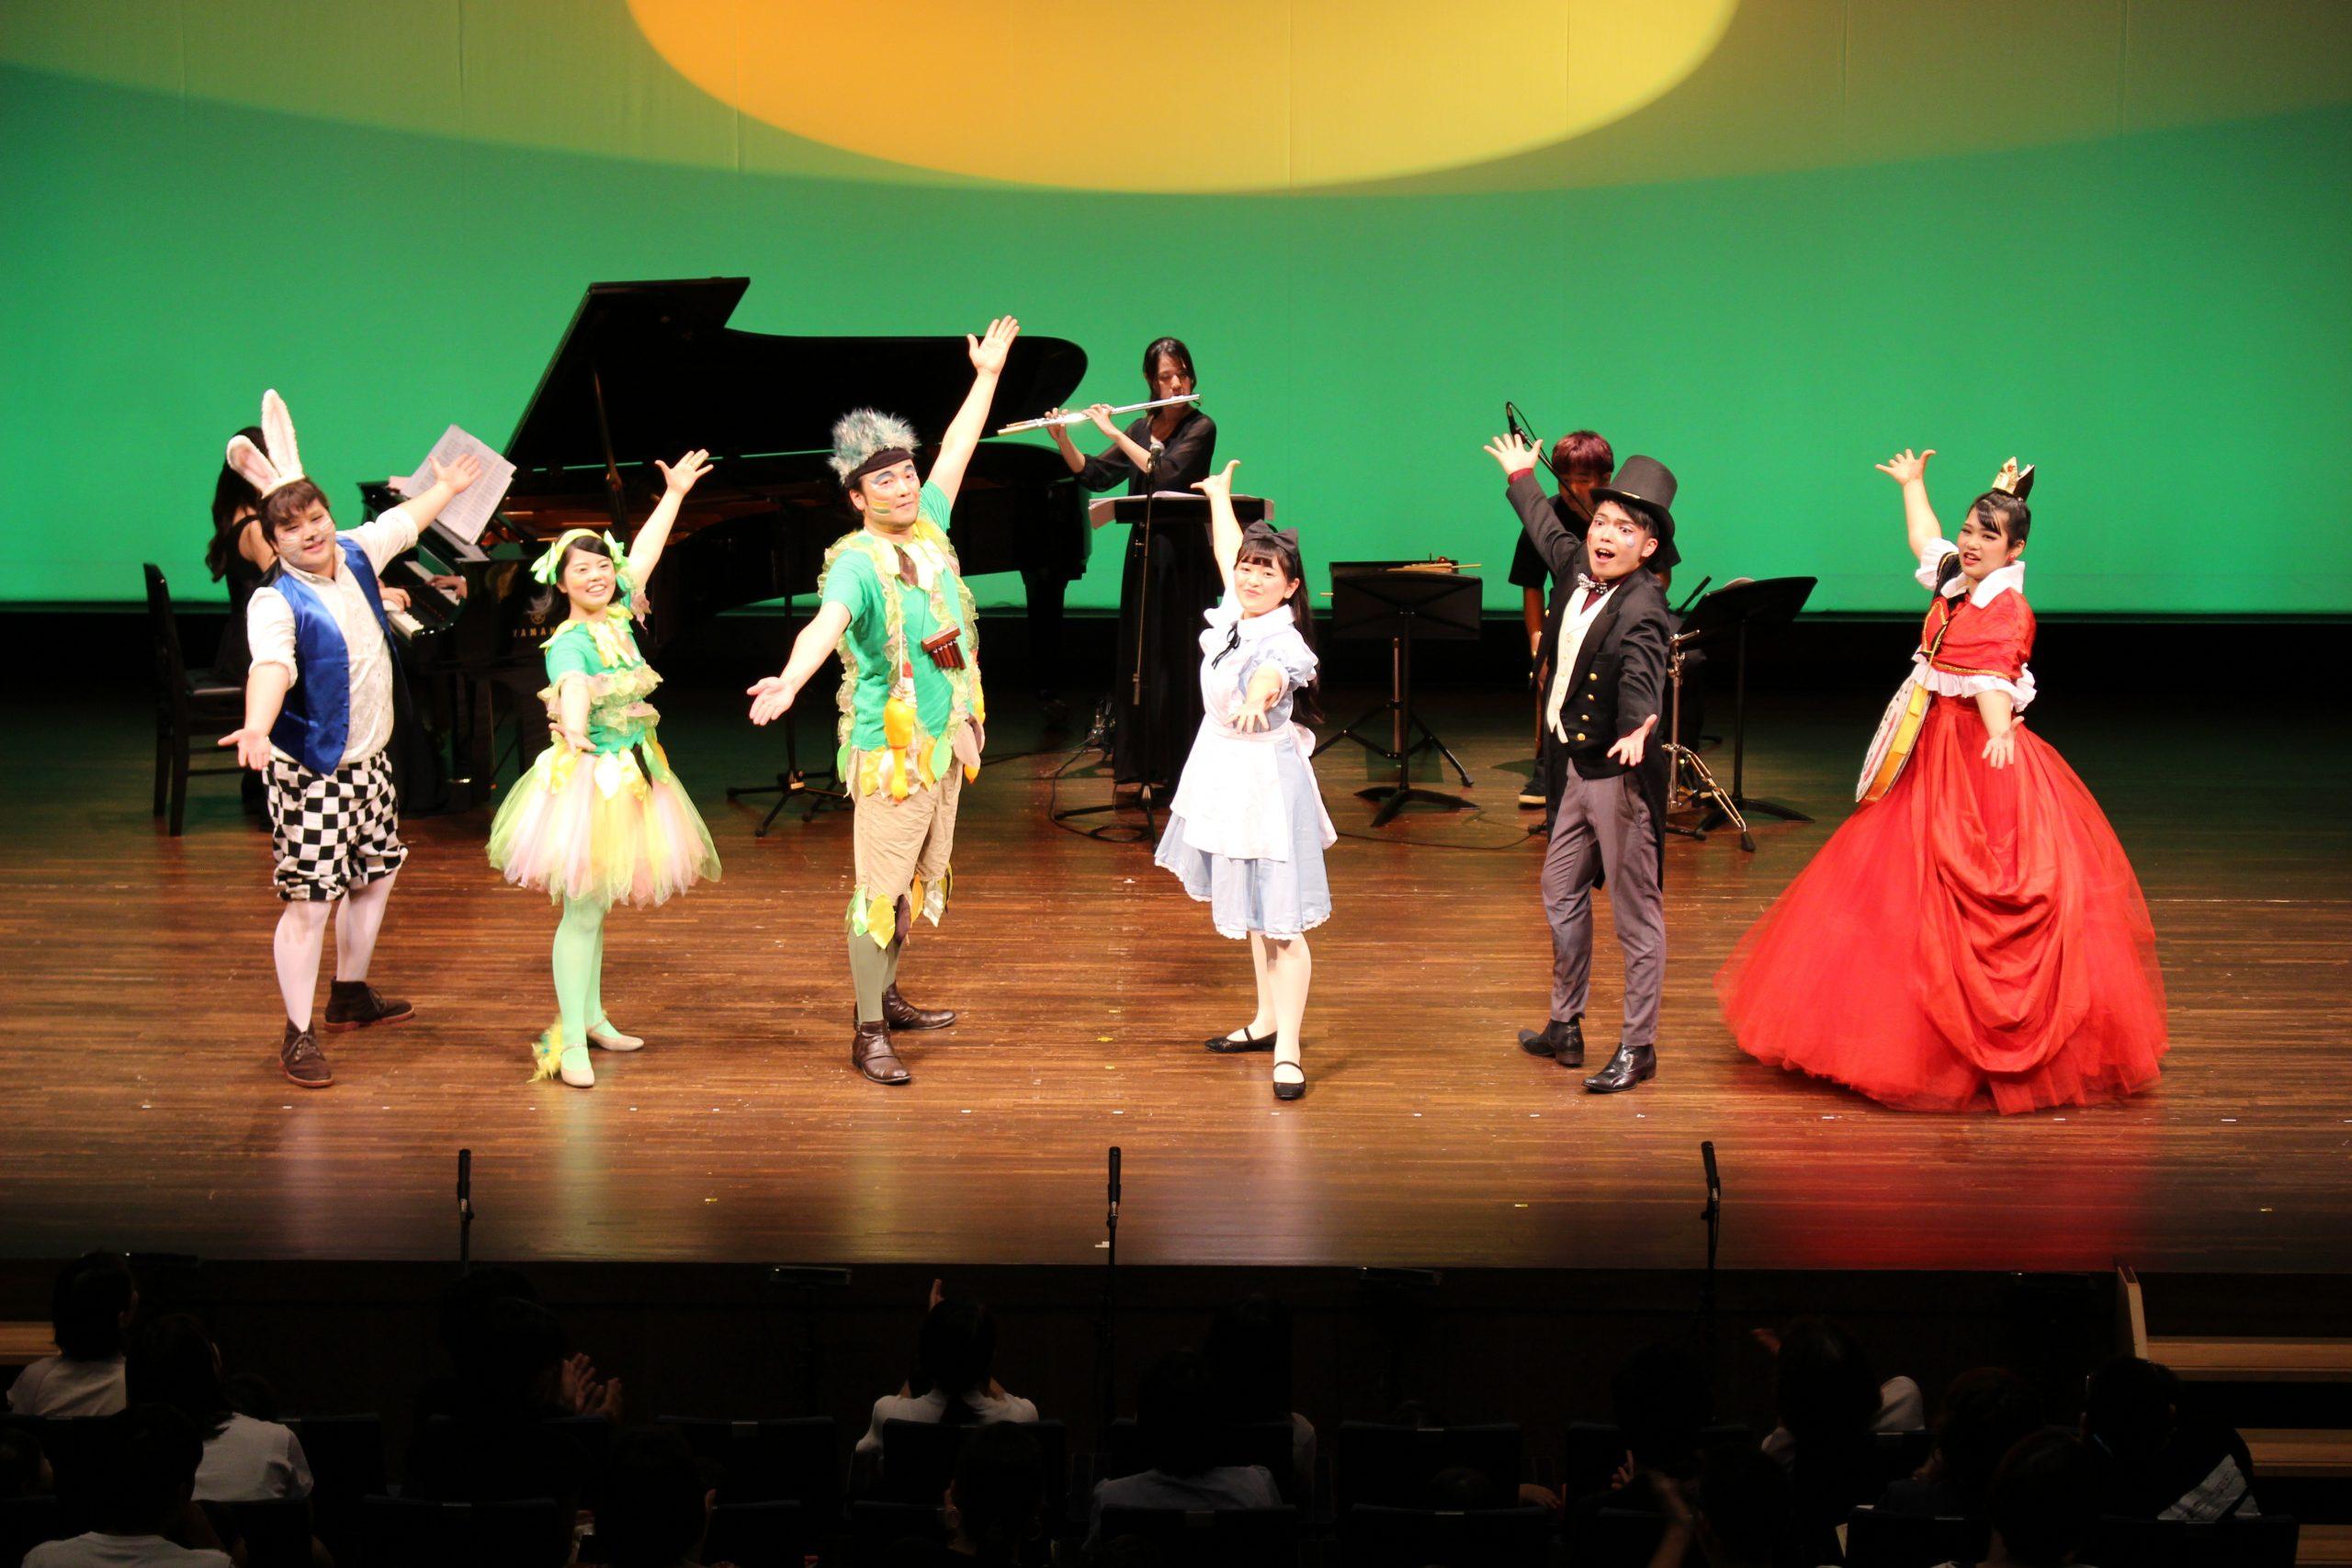 こどものためのミニオペラ「人魚姫と海のなかまたち」